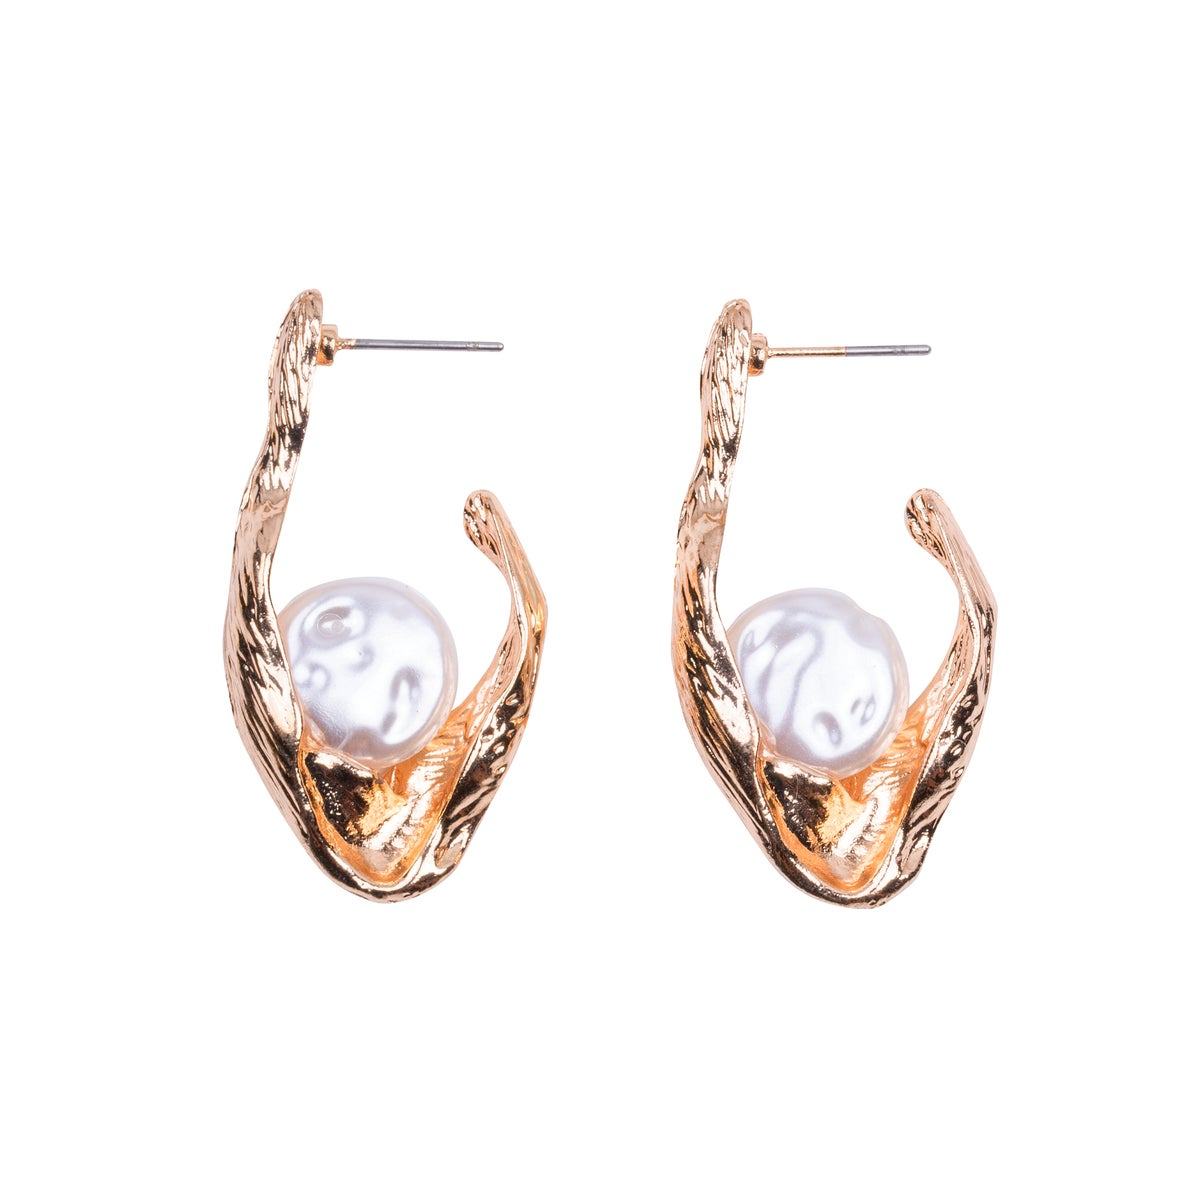 Arabella Earrings